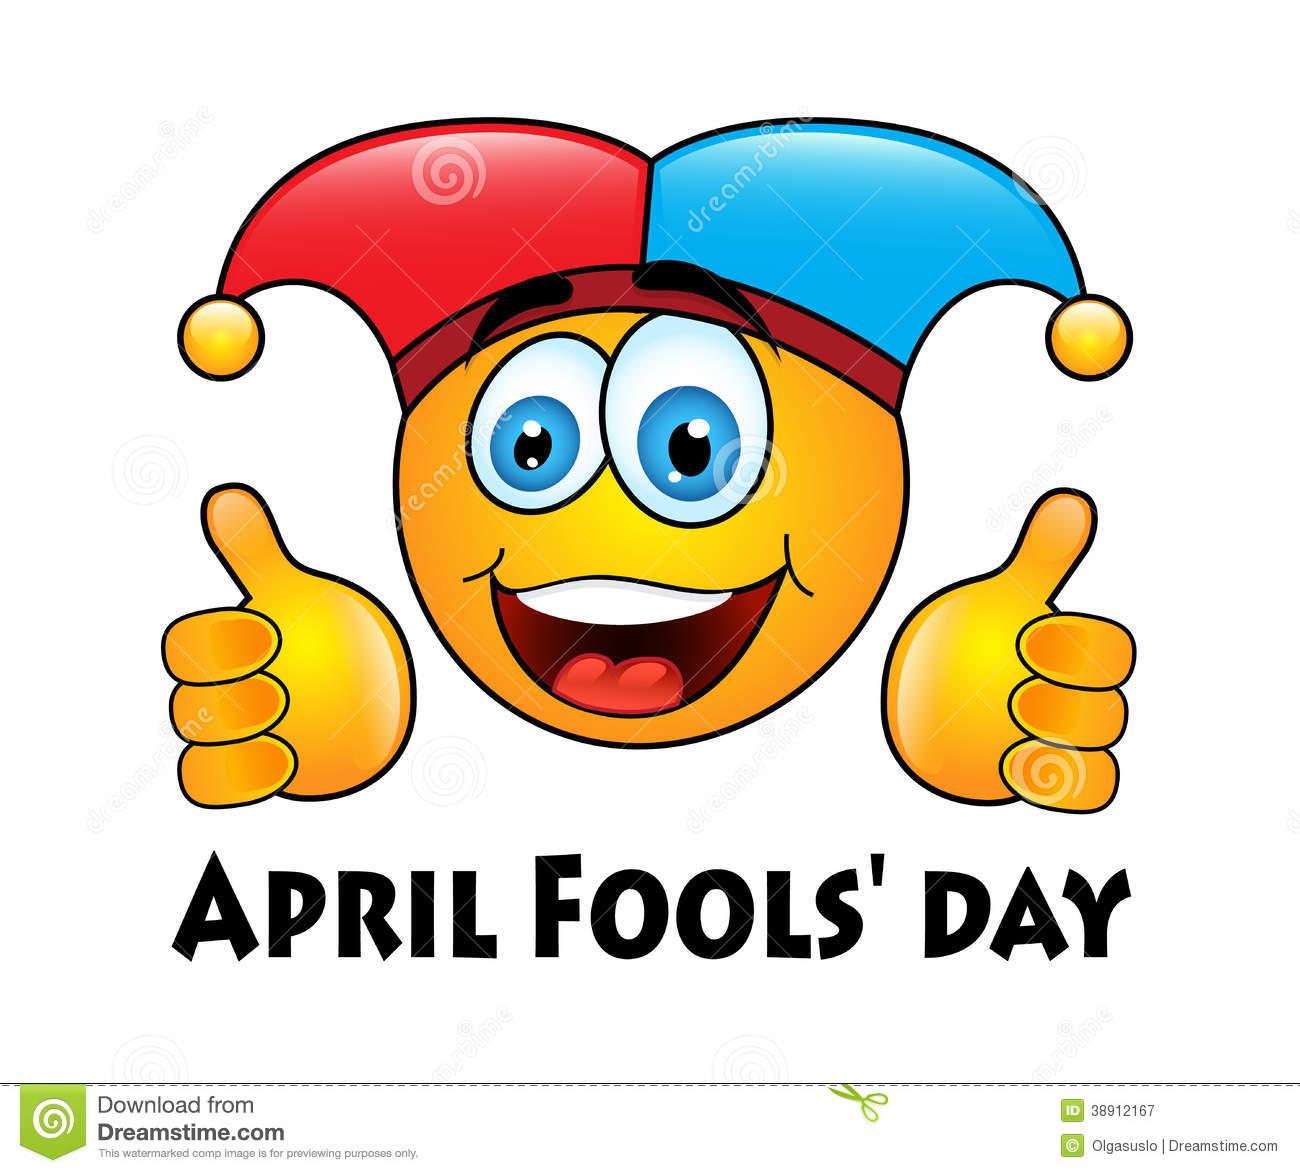 learning english is fun april fool day april fool s day april rh silviacsim blogspot com april fool's day clipart free happy april fools day clipart